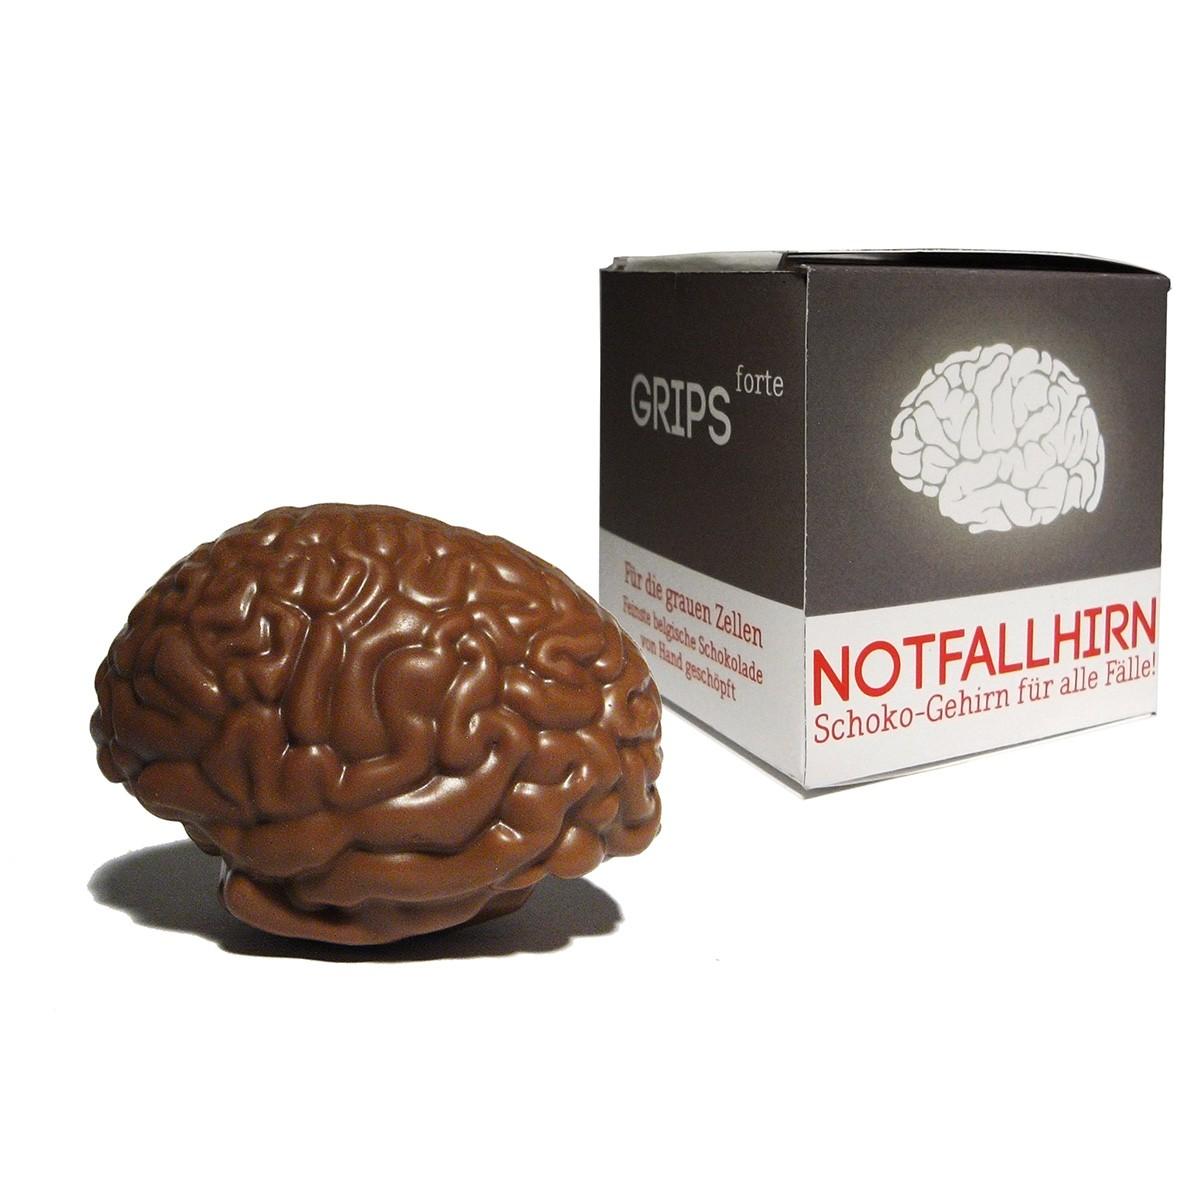 Mózg awaryjny z czekolady